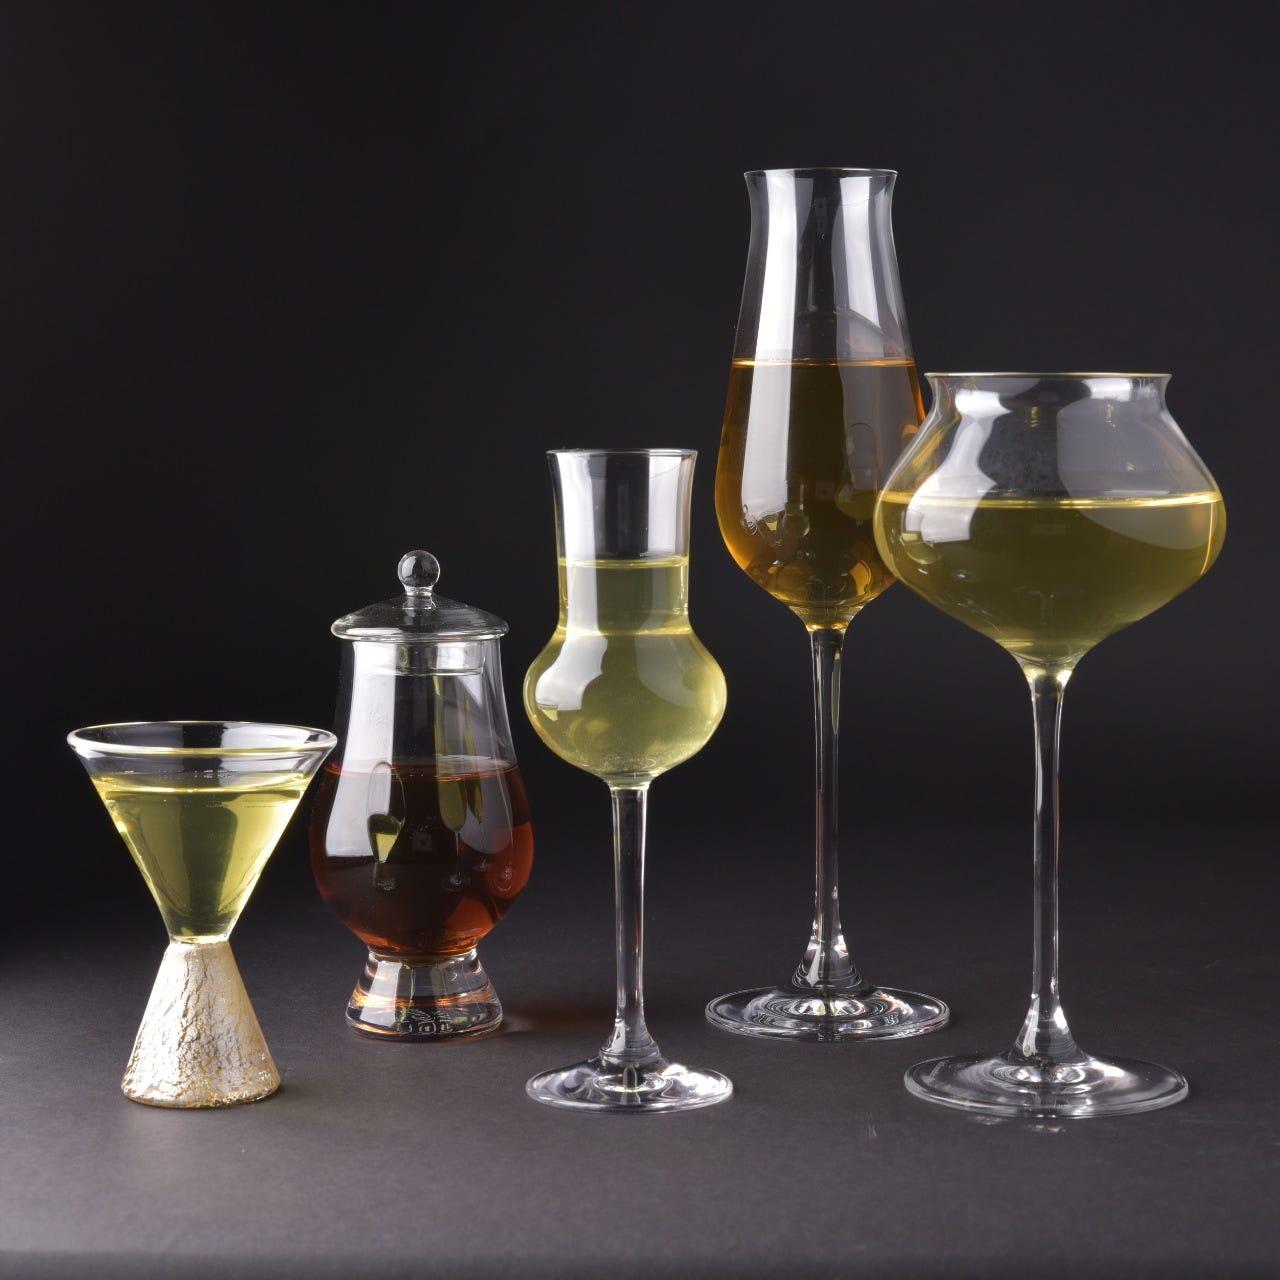 様々な品種、製法のお茶をお楽しみください